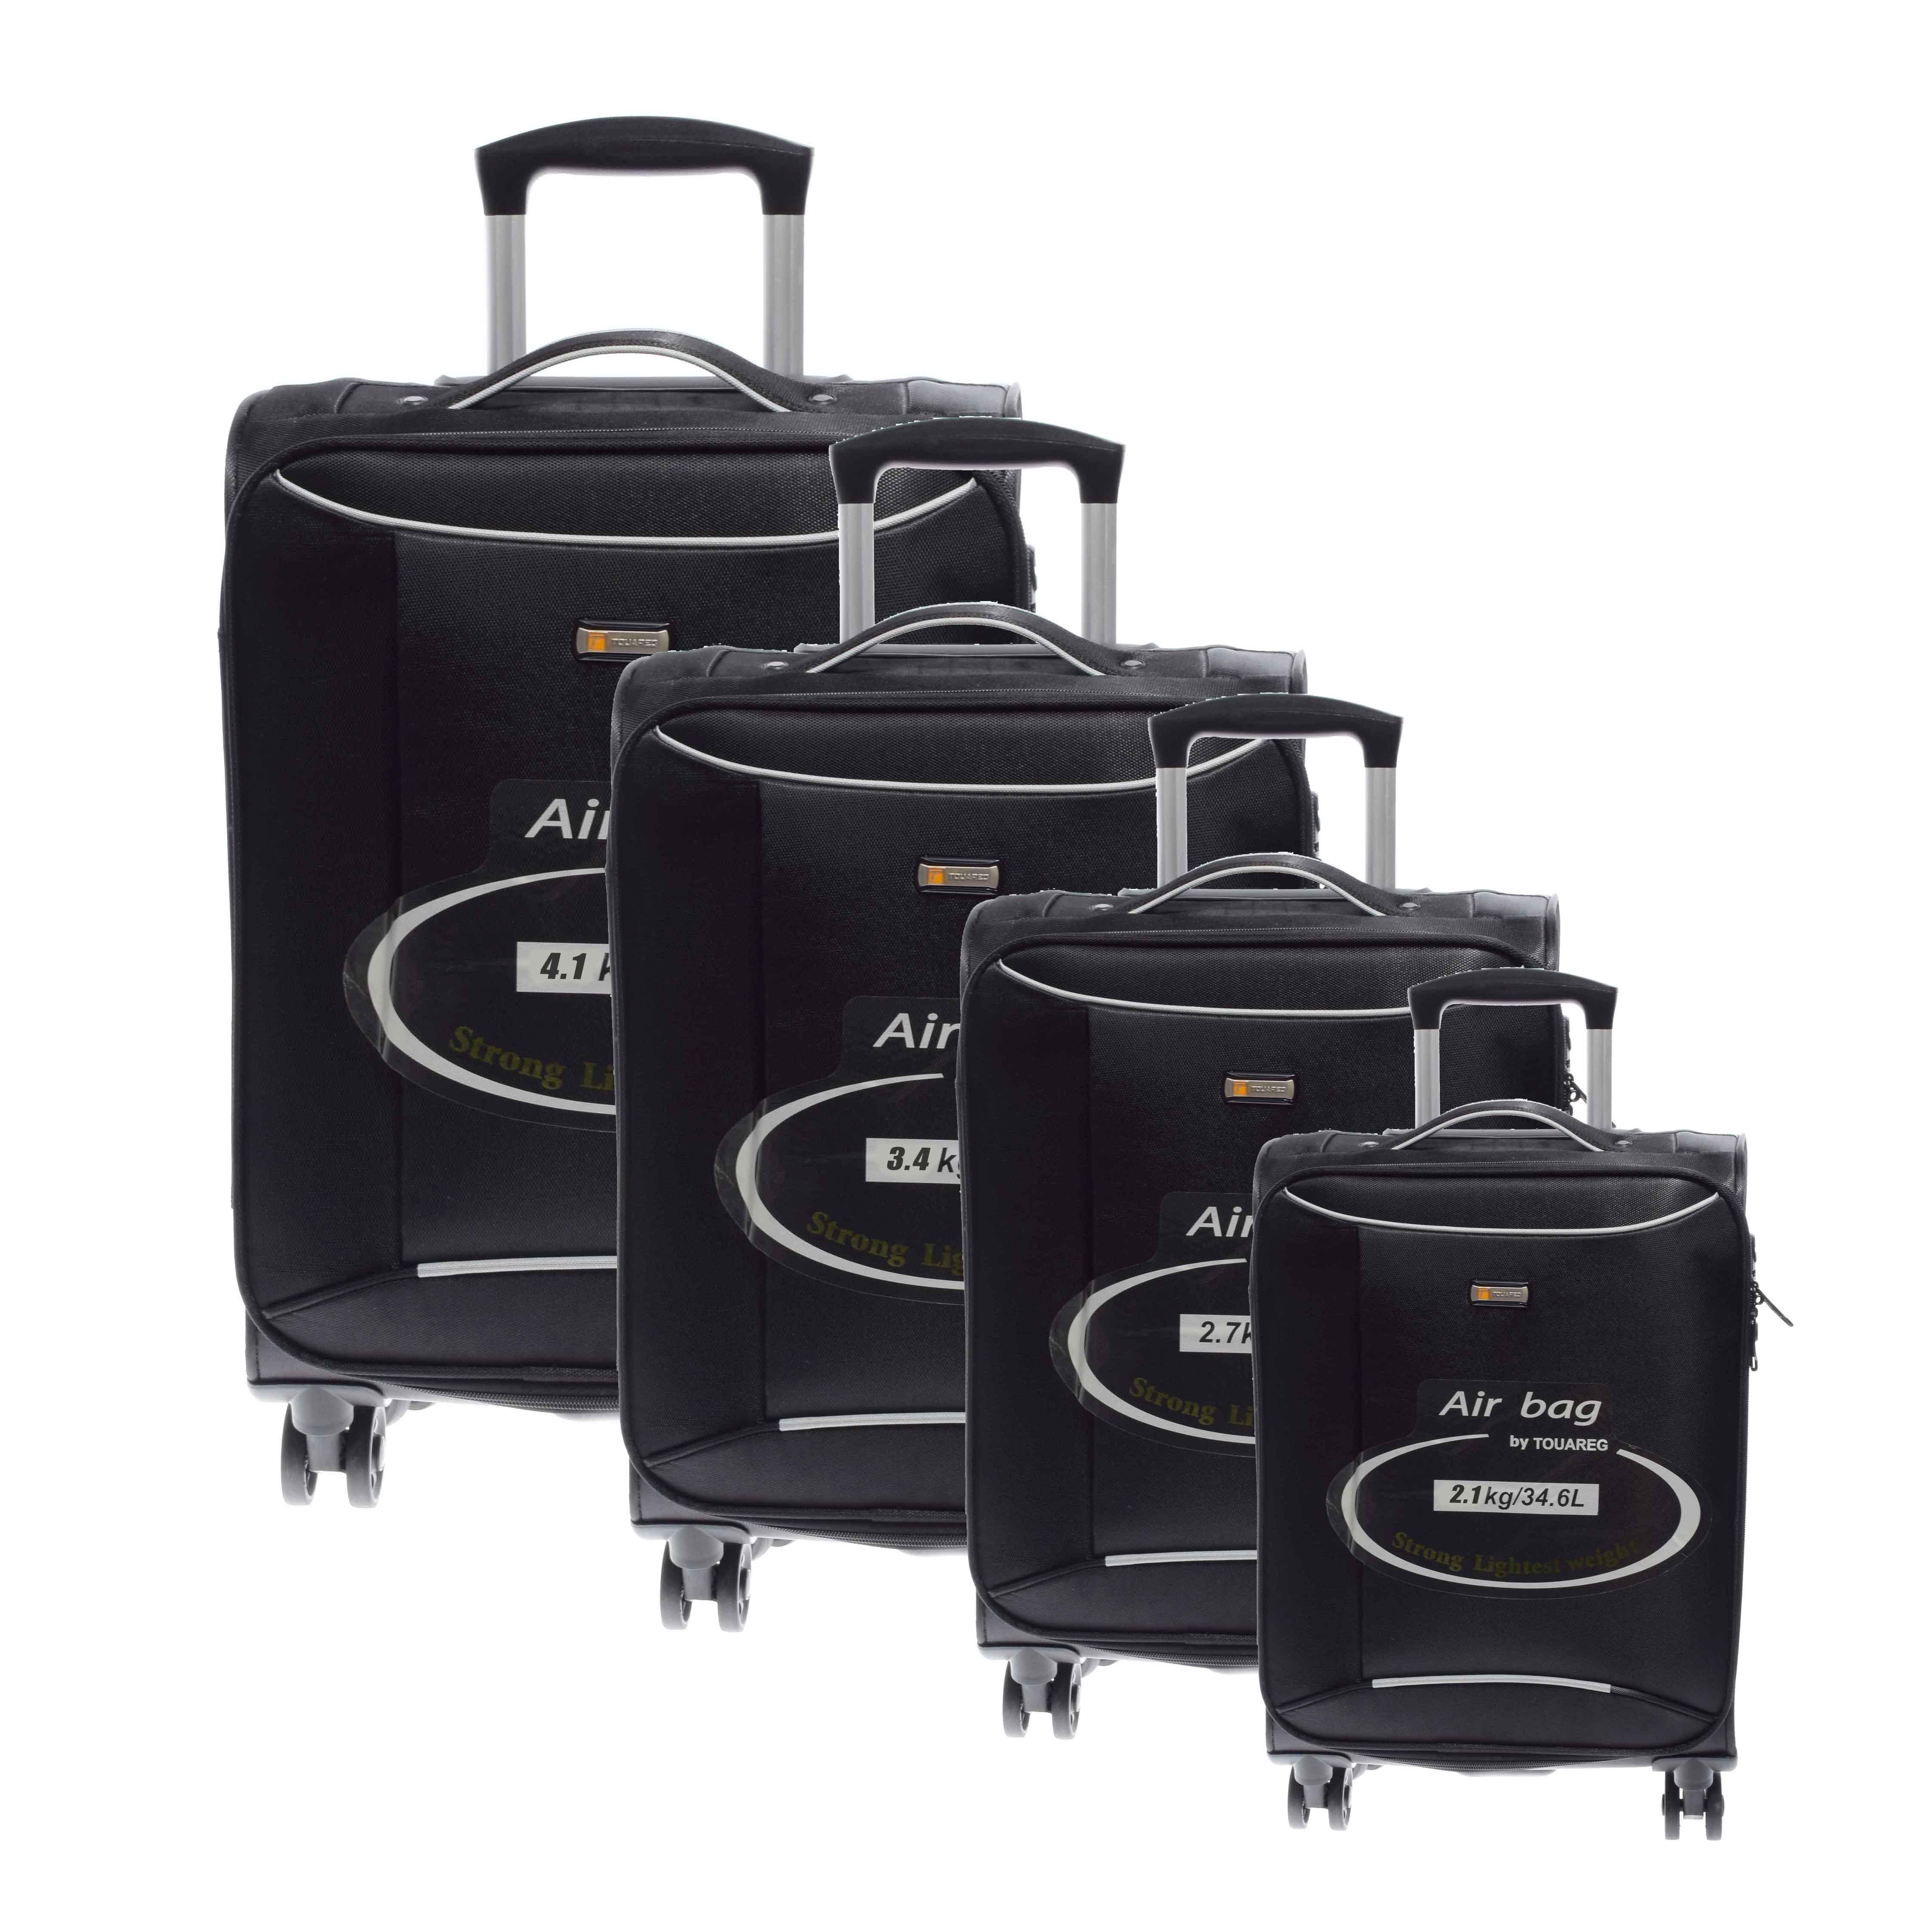 22f5b73c7fdb 14N121 Fekete Touareg puha Bőrönd Szett - Touareg - Táska webáruház - Minőségi  táskák mindenkinek